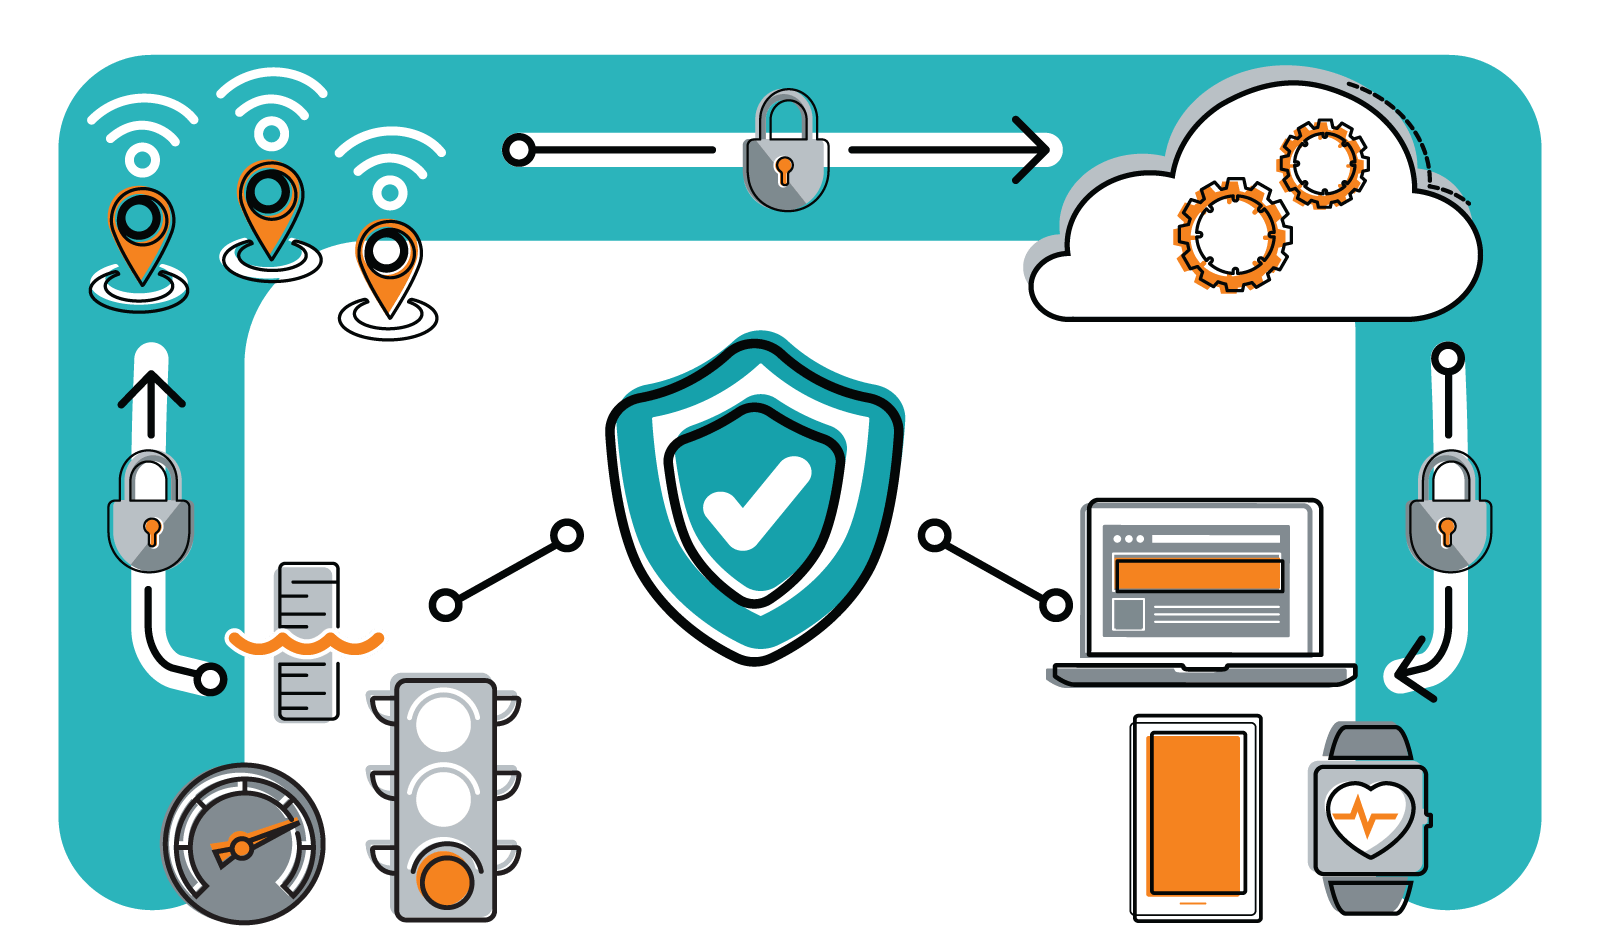 Security_1600x945_Goal1 (1)